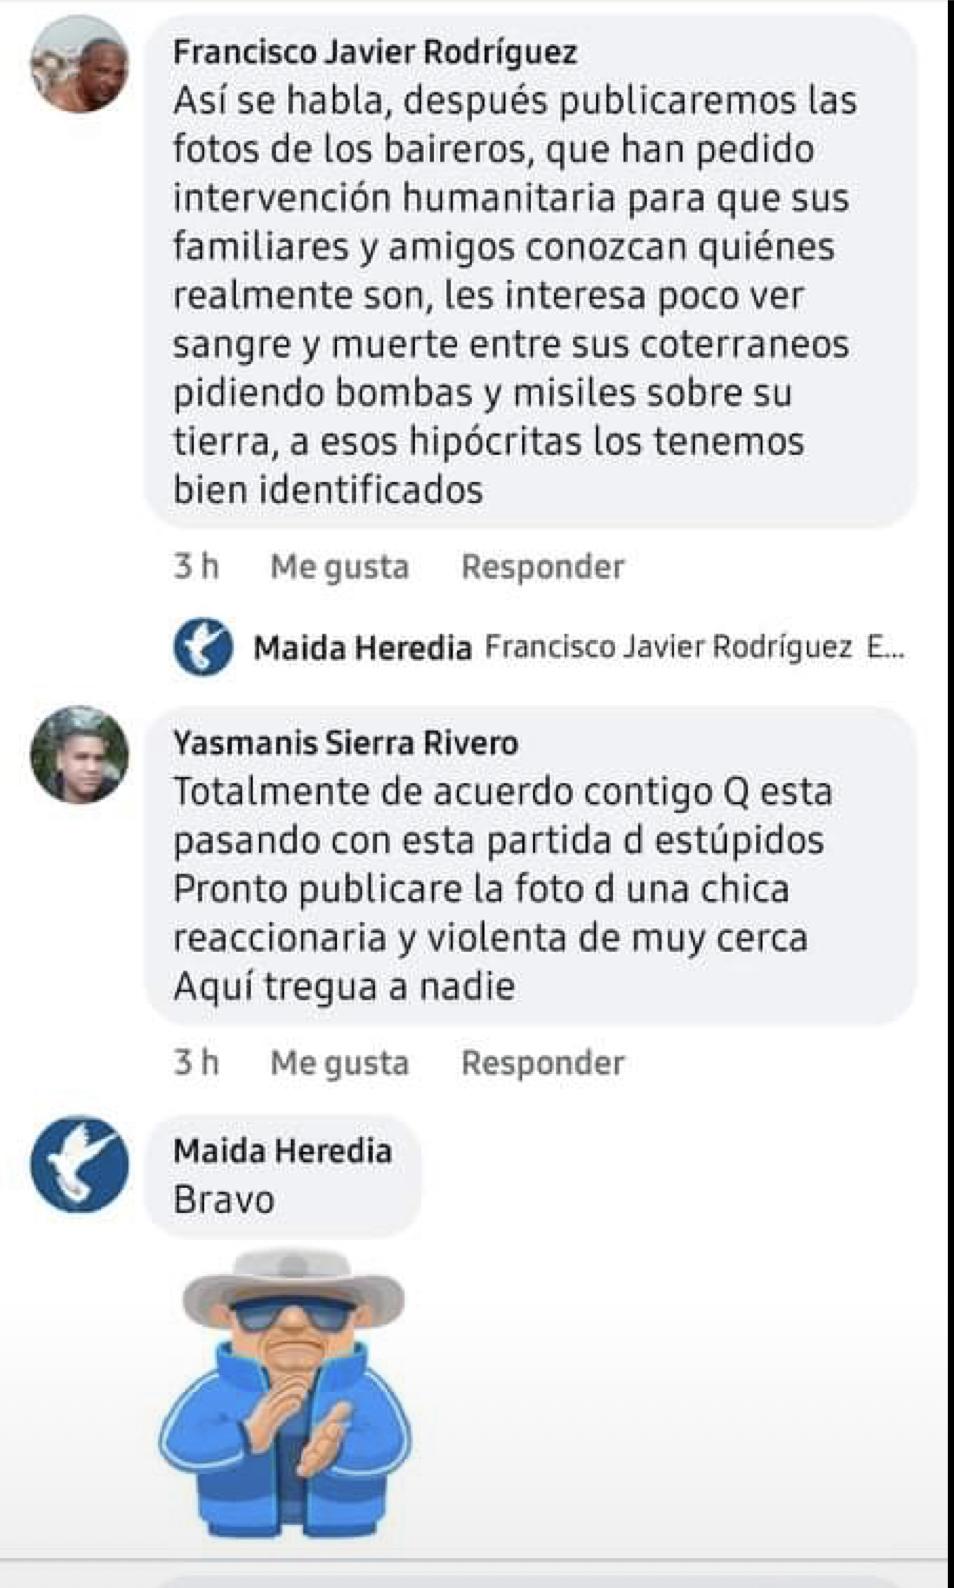 Maida Heredia